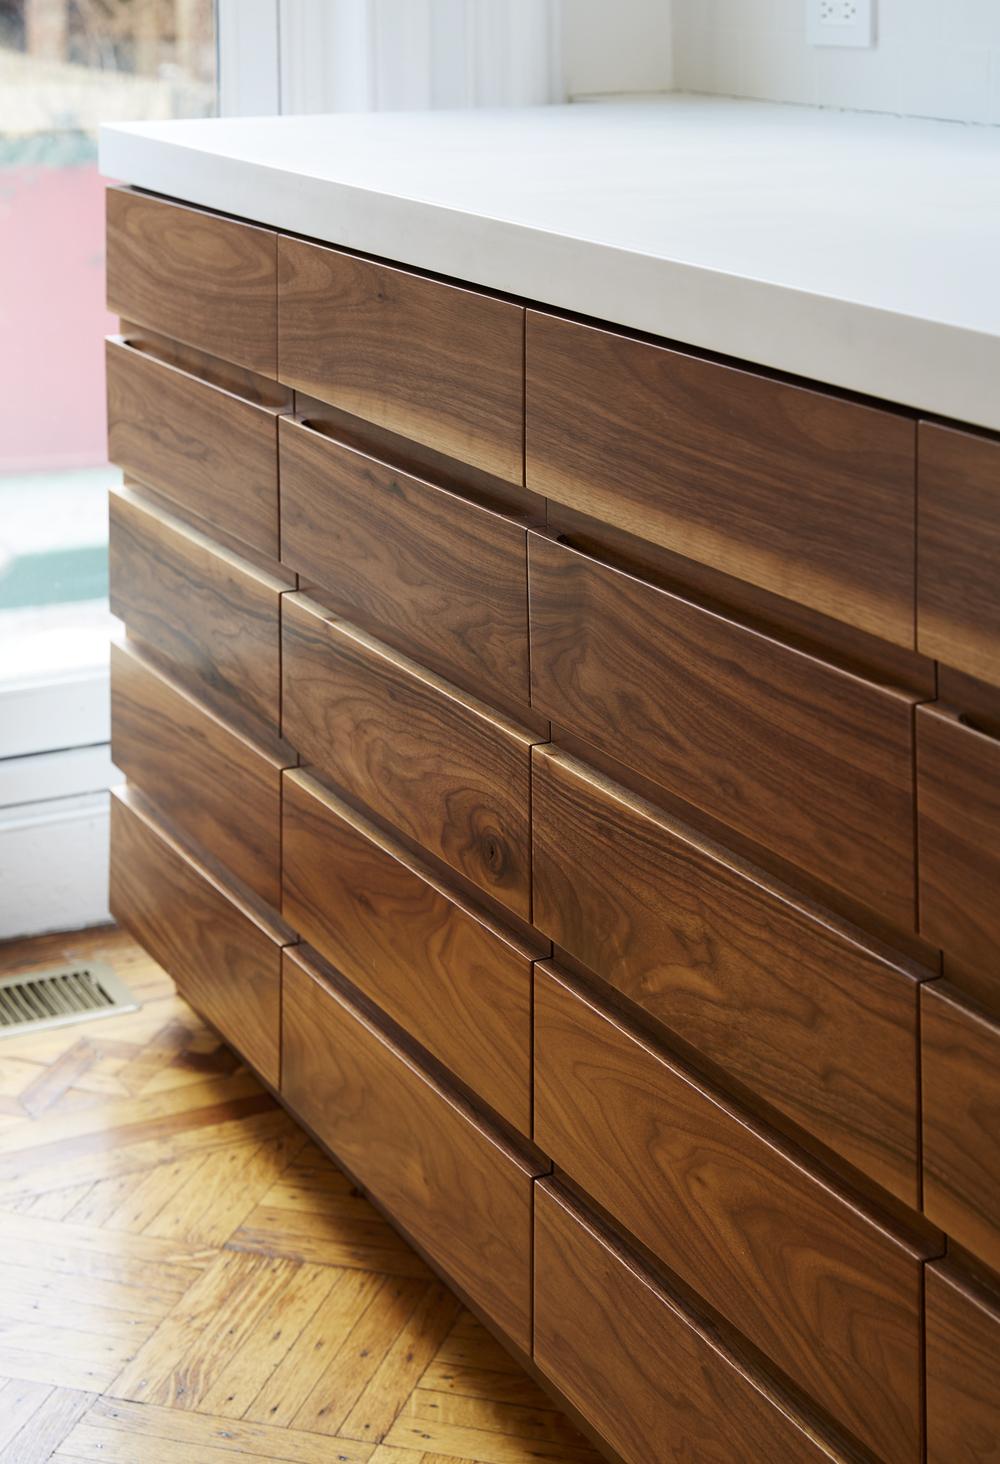 wood_detail_007.jpg